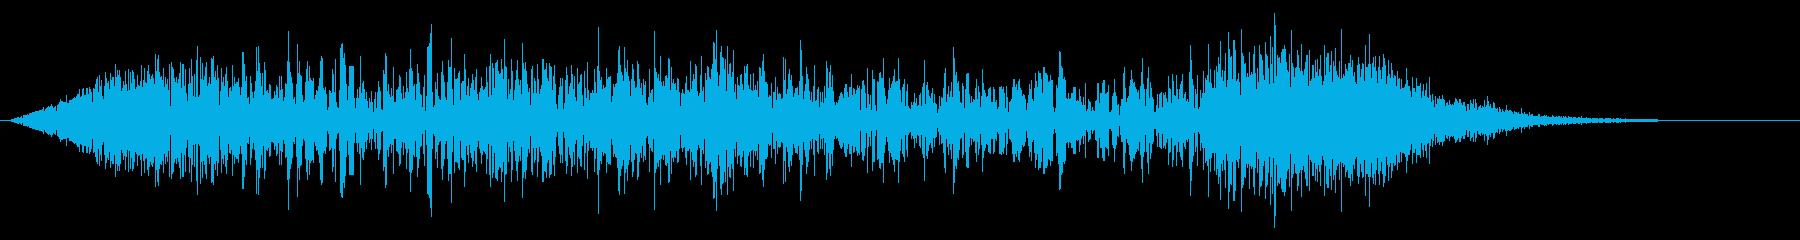 ゴーッという衝撃、火球・火炎系魔法#5の再生済みの波形